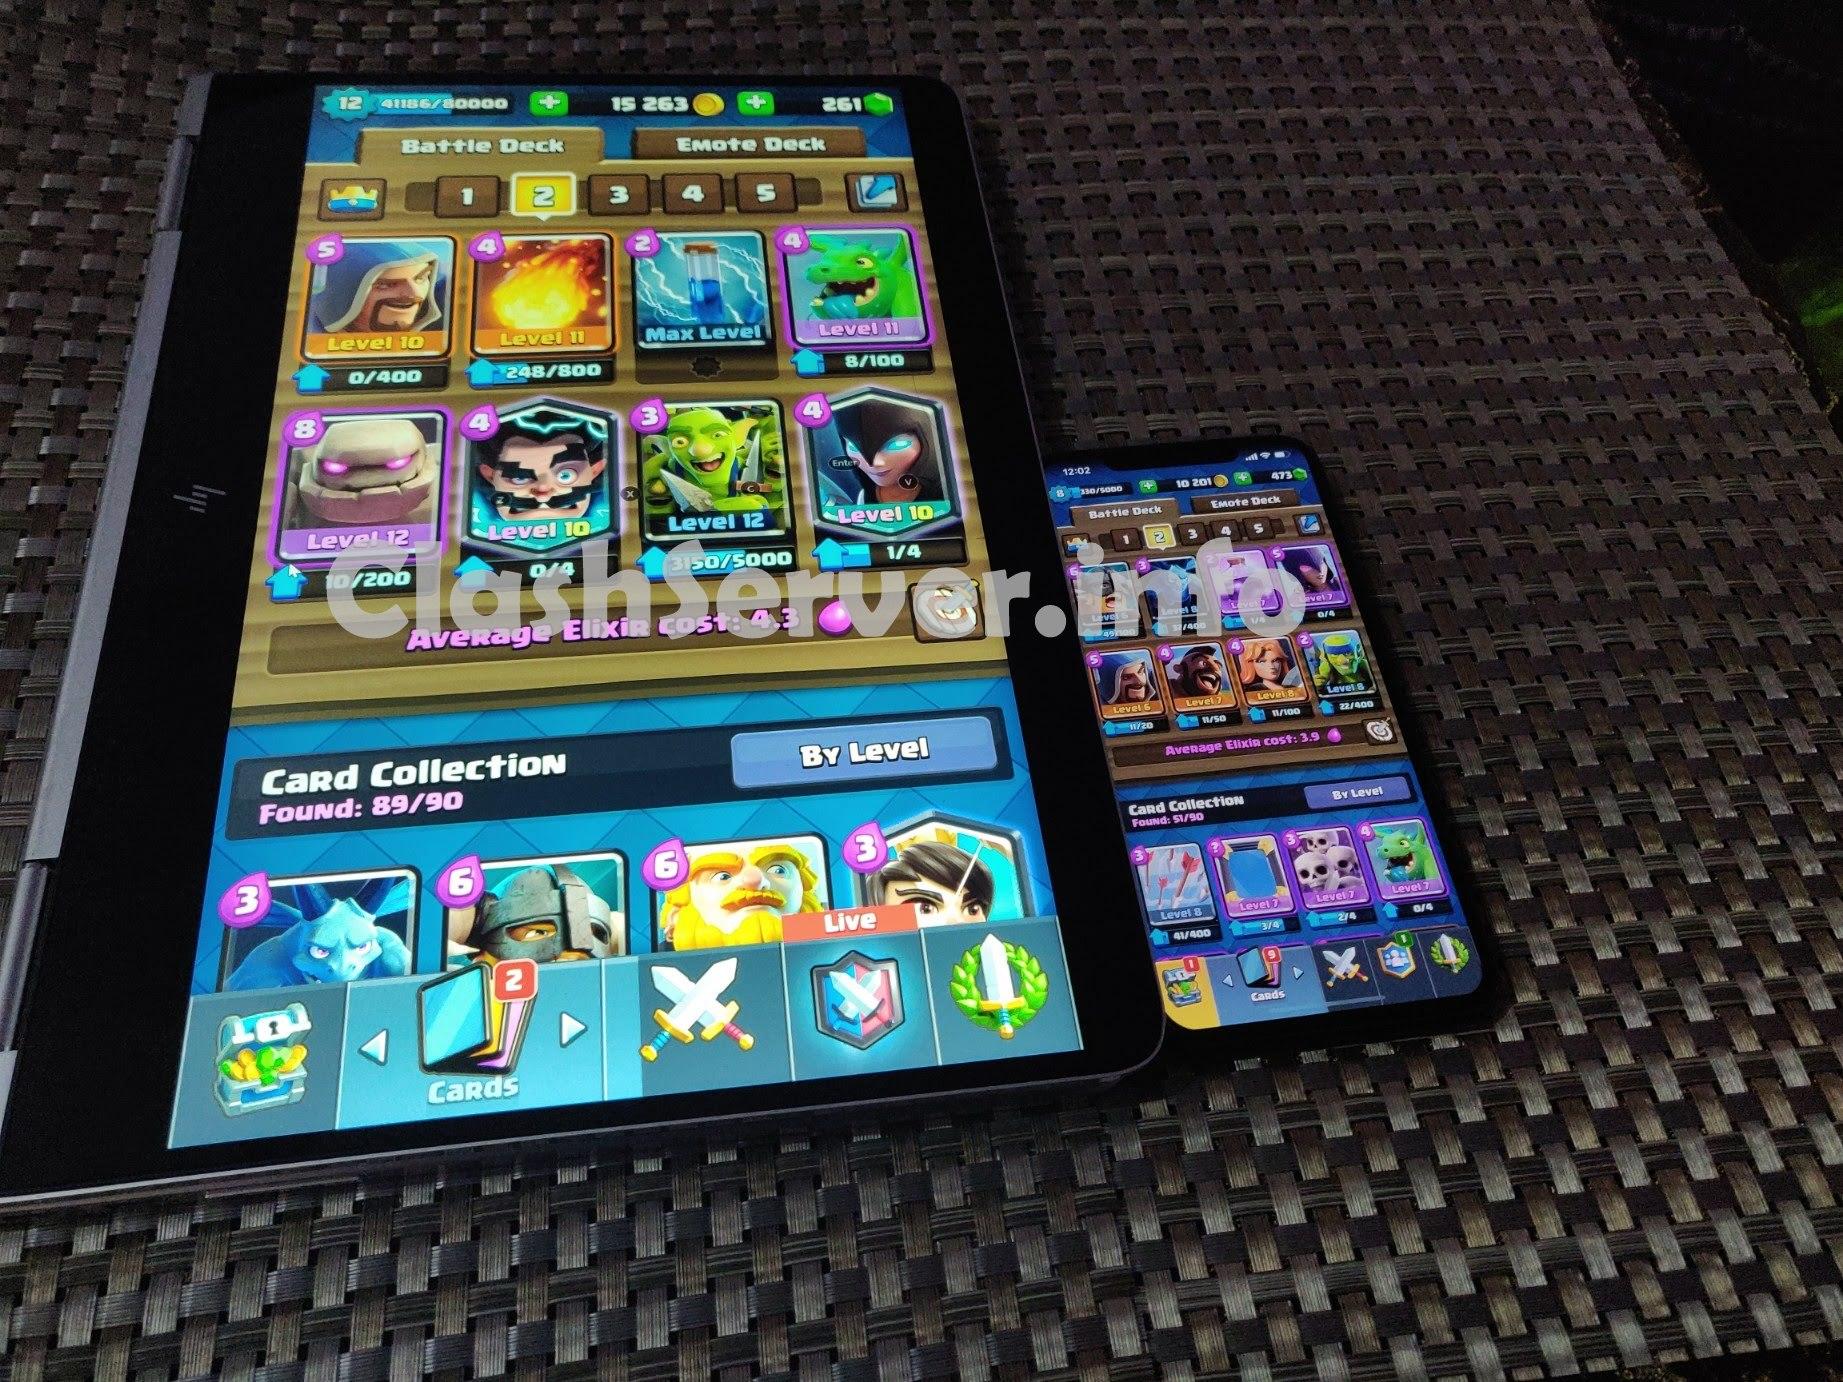 download clash royale pc